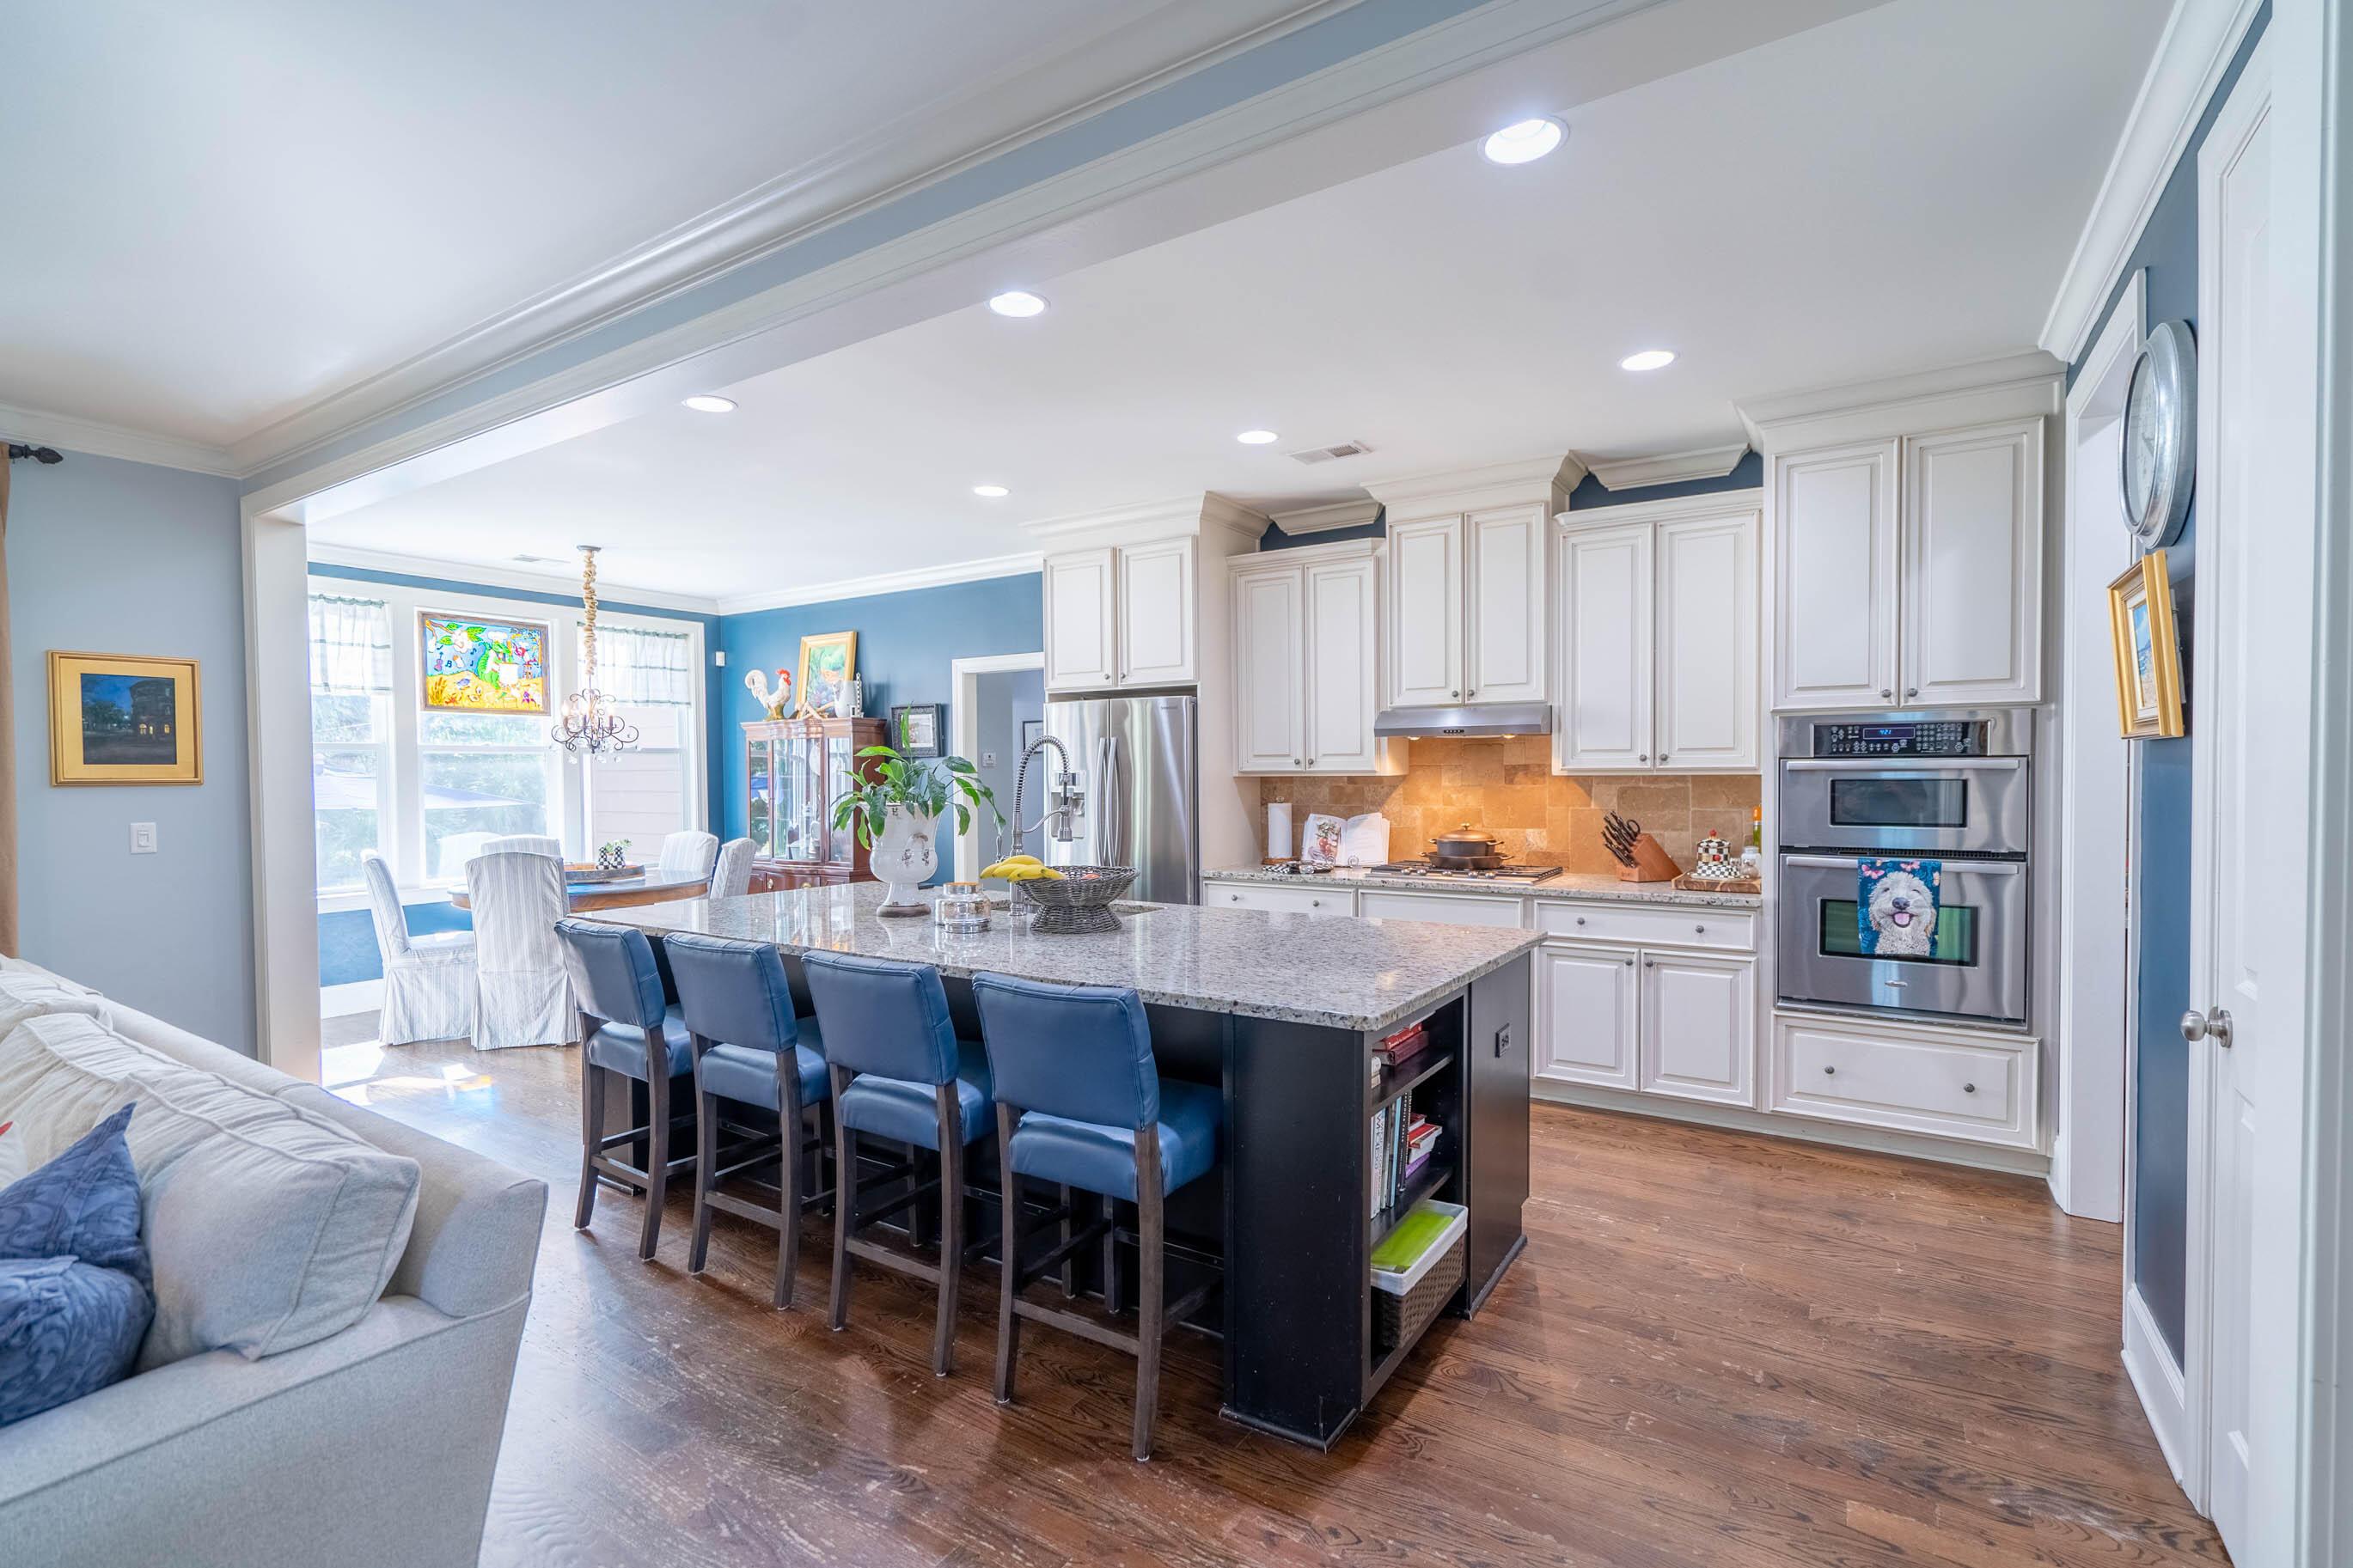 Dunes West Homes For Sale - 2997 Sturbridge, Mount Pleasant, SC - 10